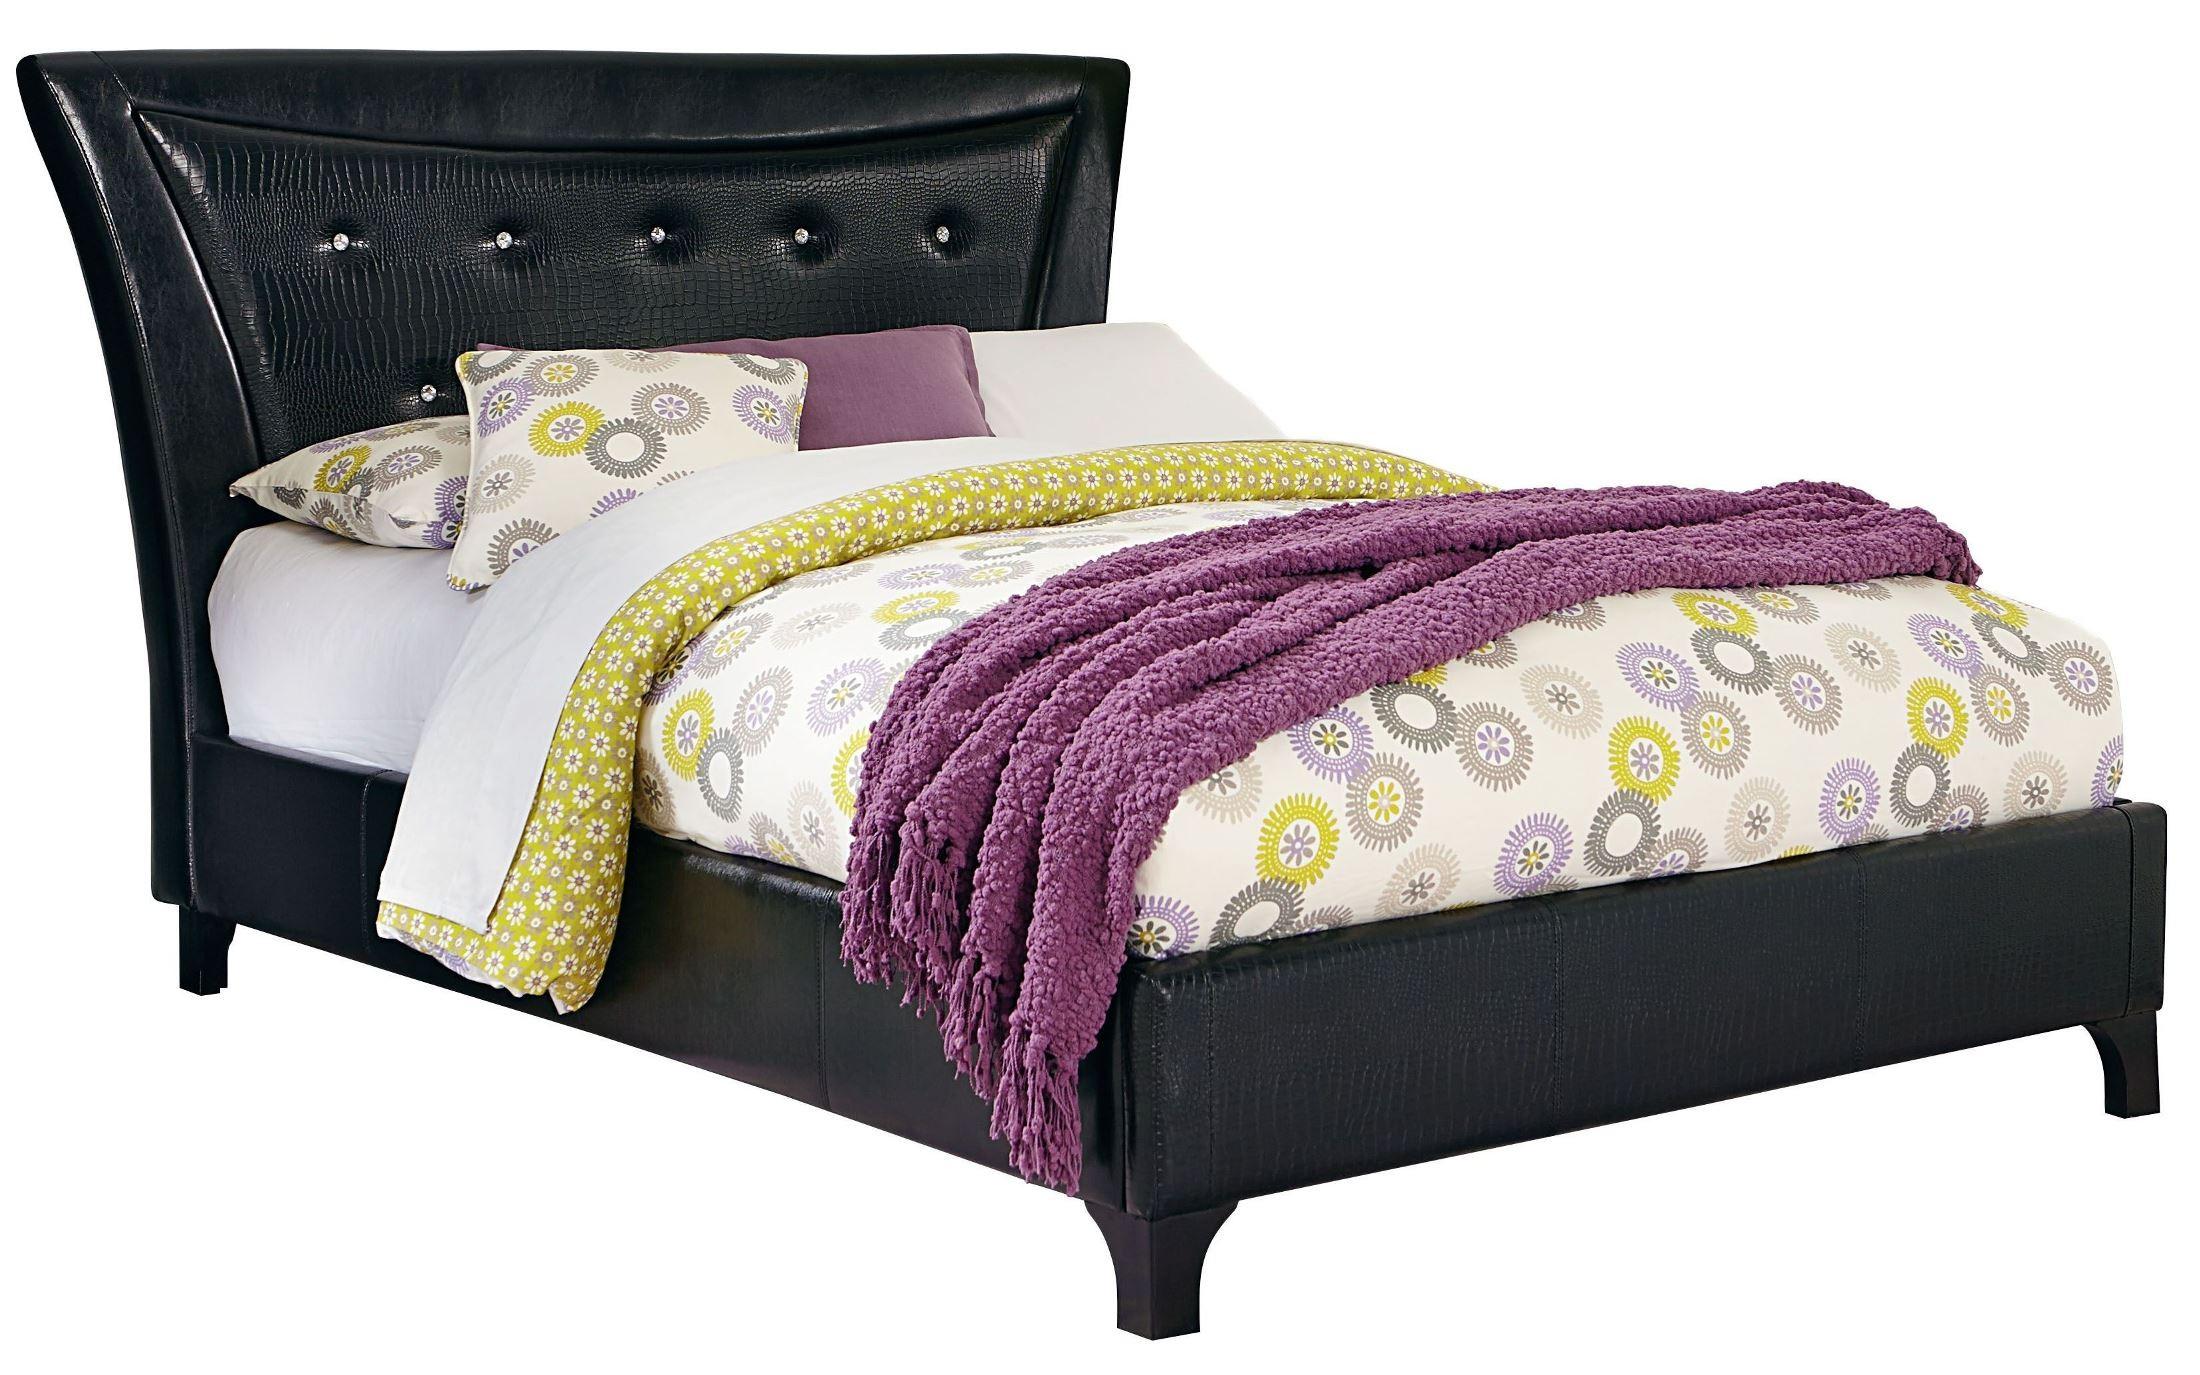 Vogue glossy black full upholstered bed from standard for Upholstered full bed